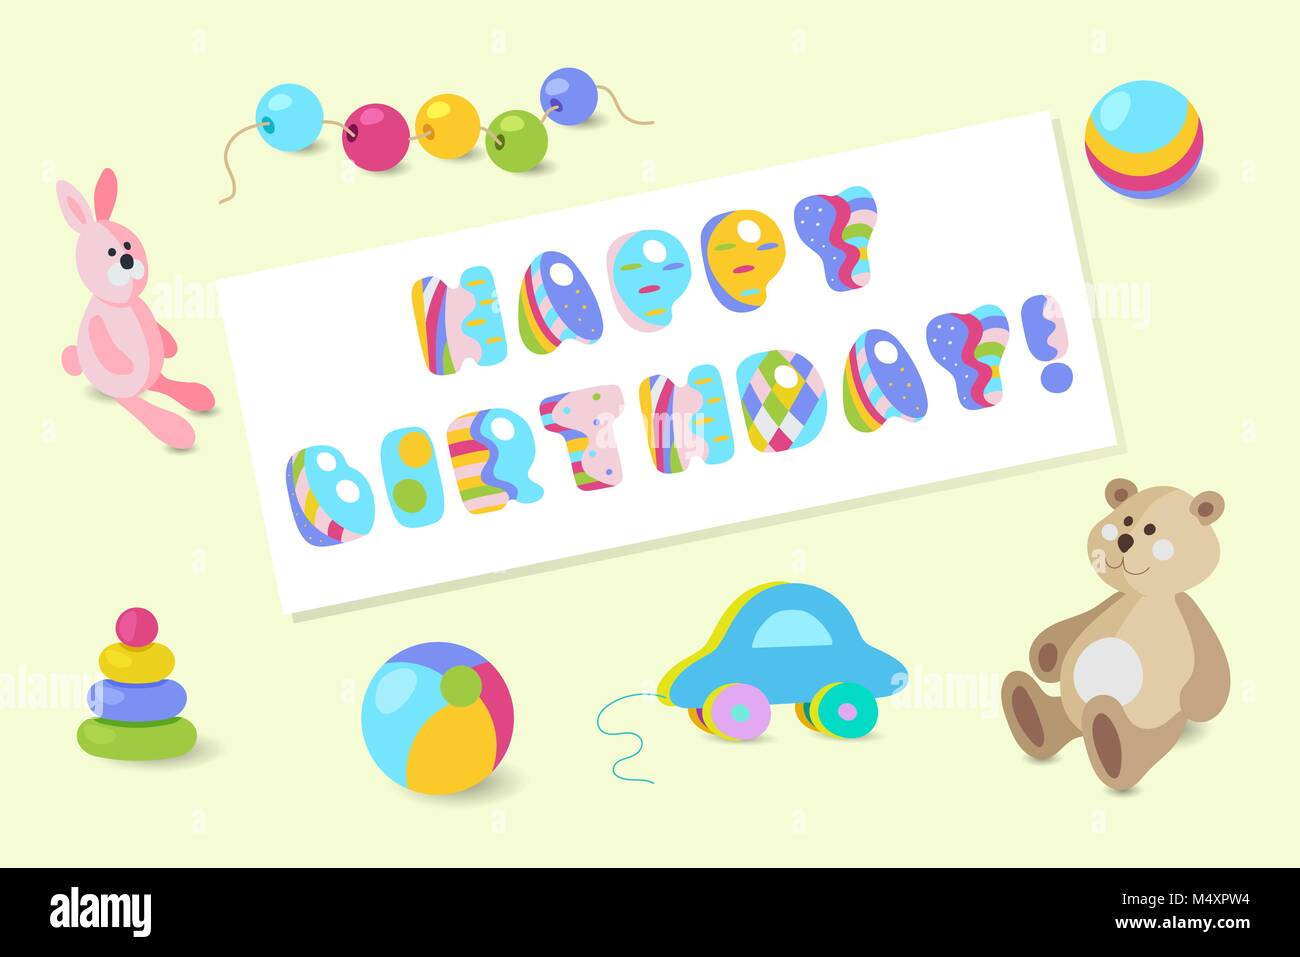 Joyeux Anniversaire Bebe Colore Vecteur Typographic Design Jouet